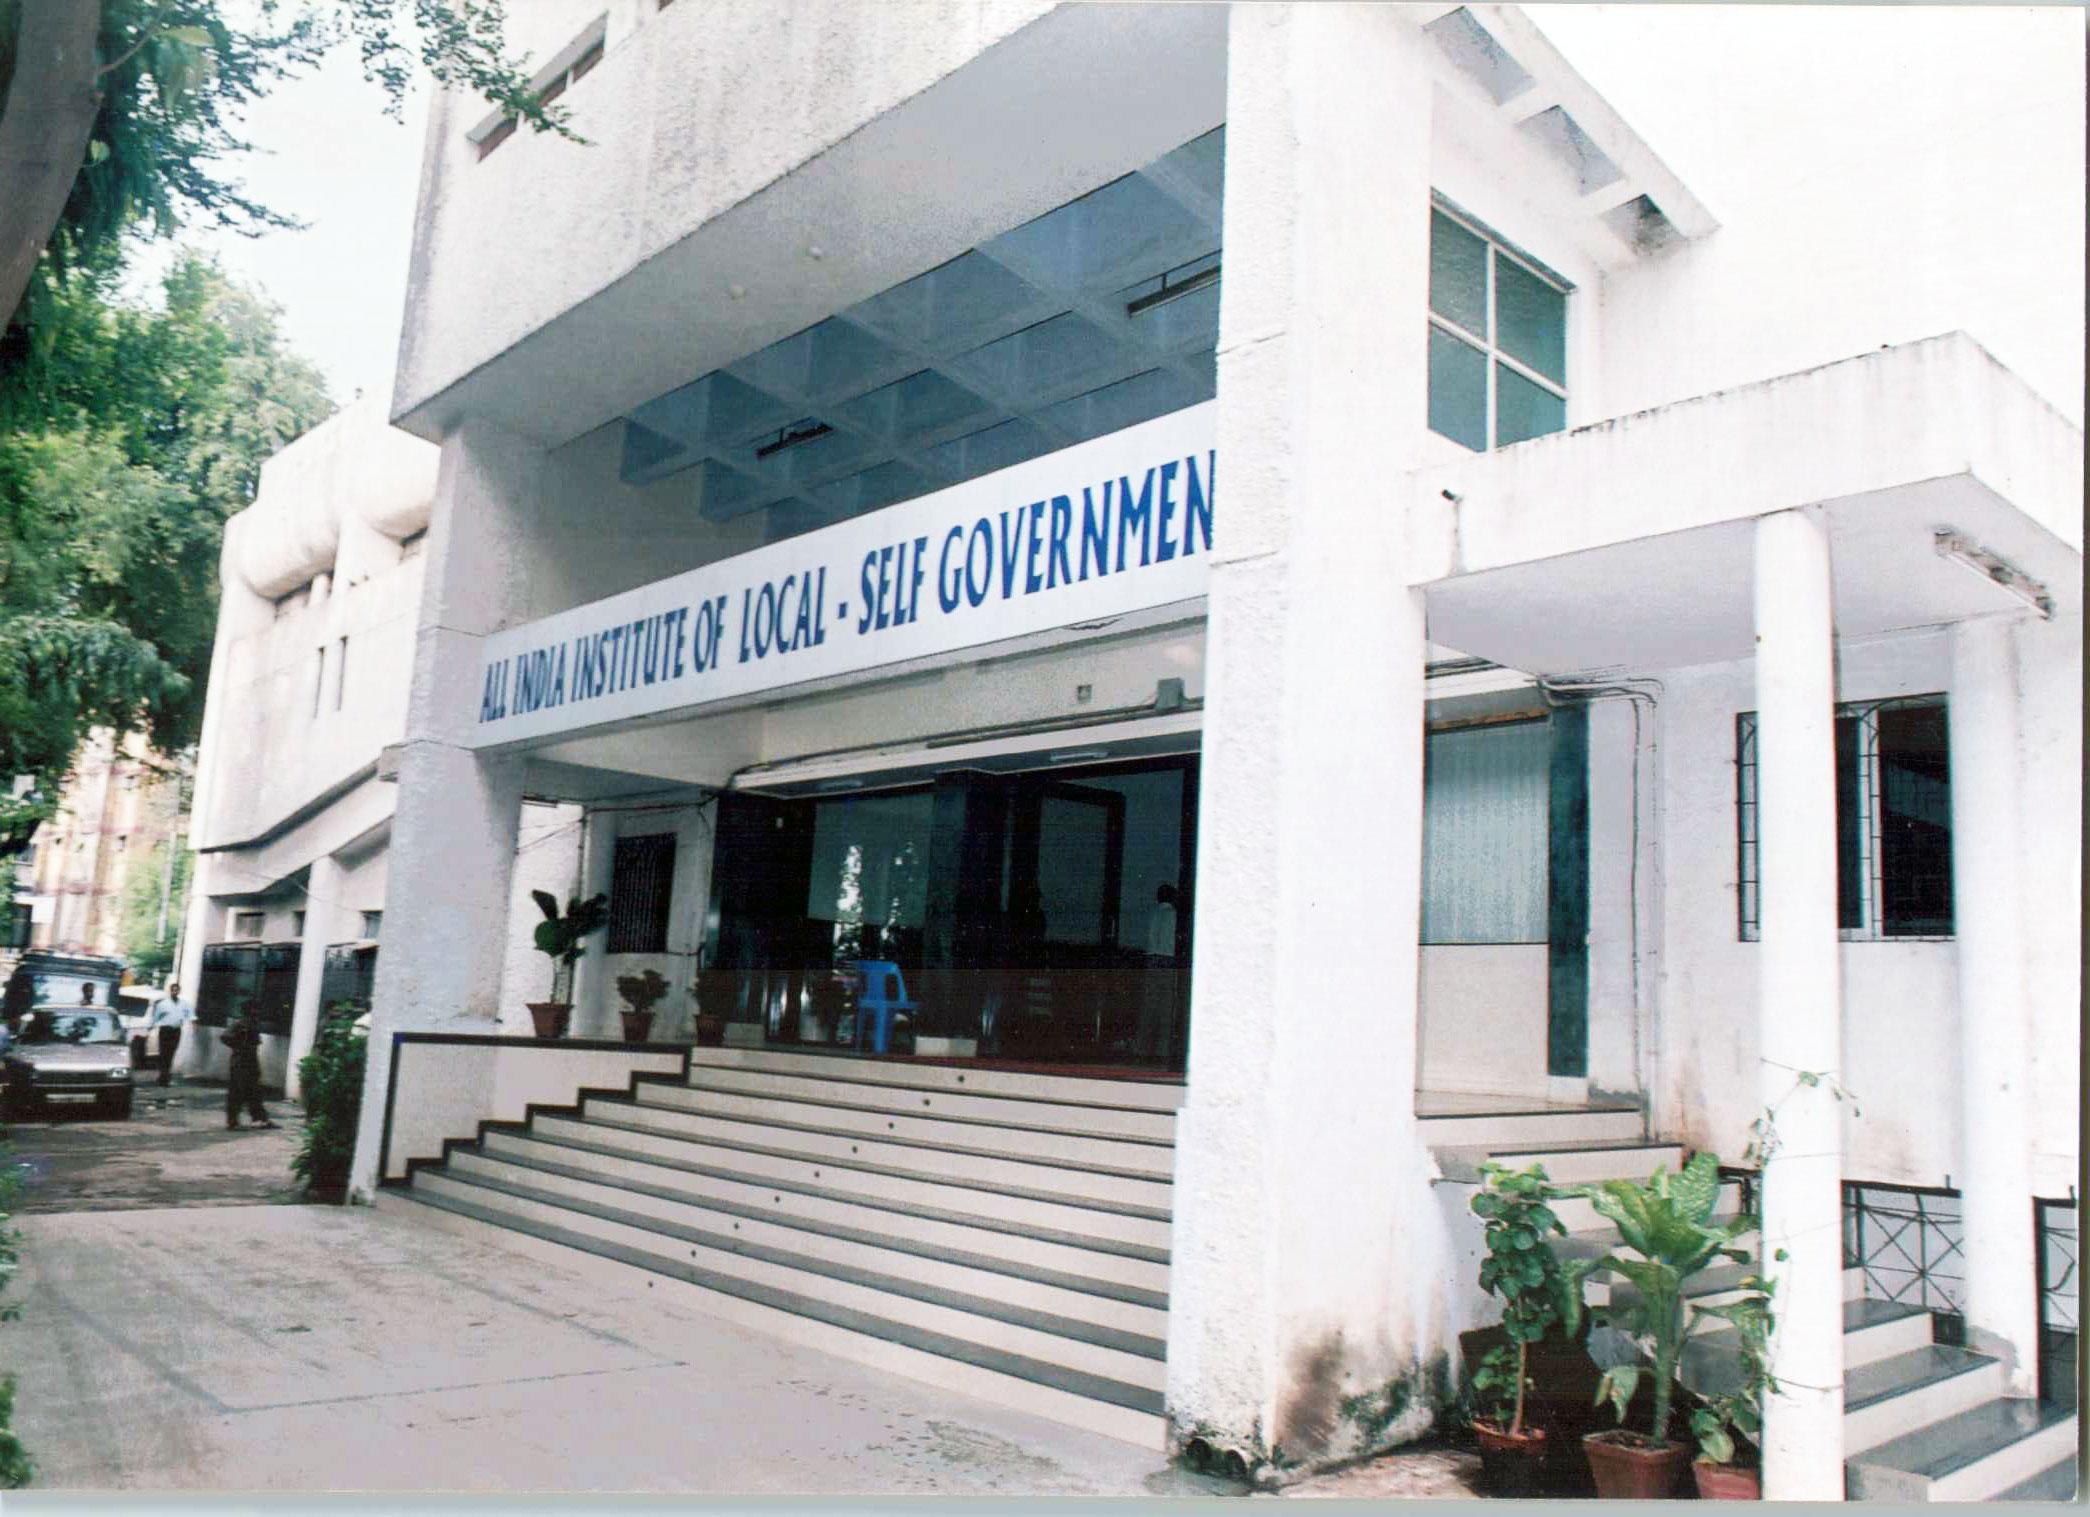 All India Institute of Local Self Government, Mumbai